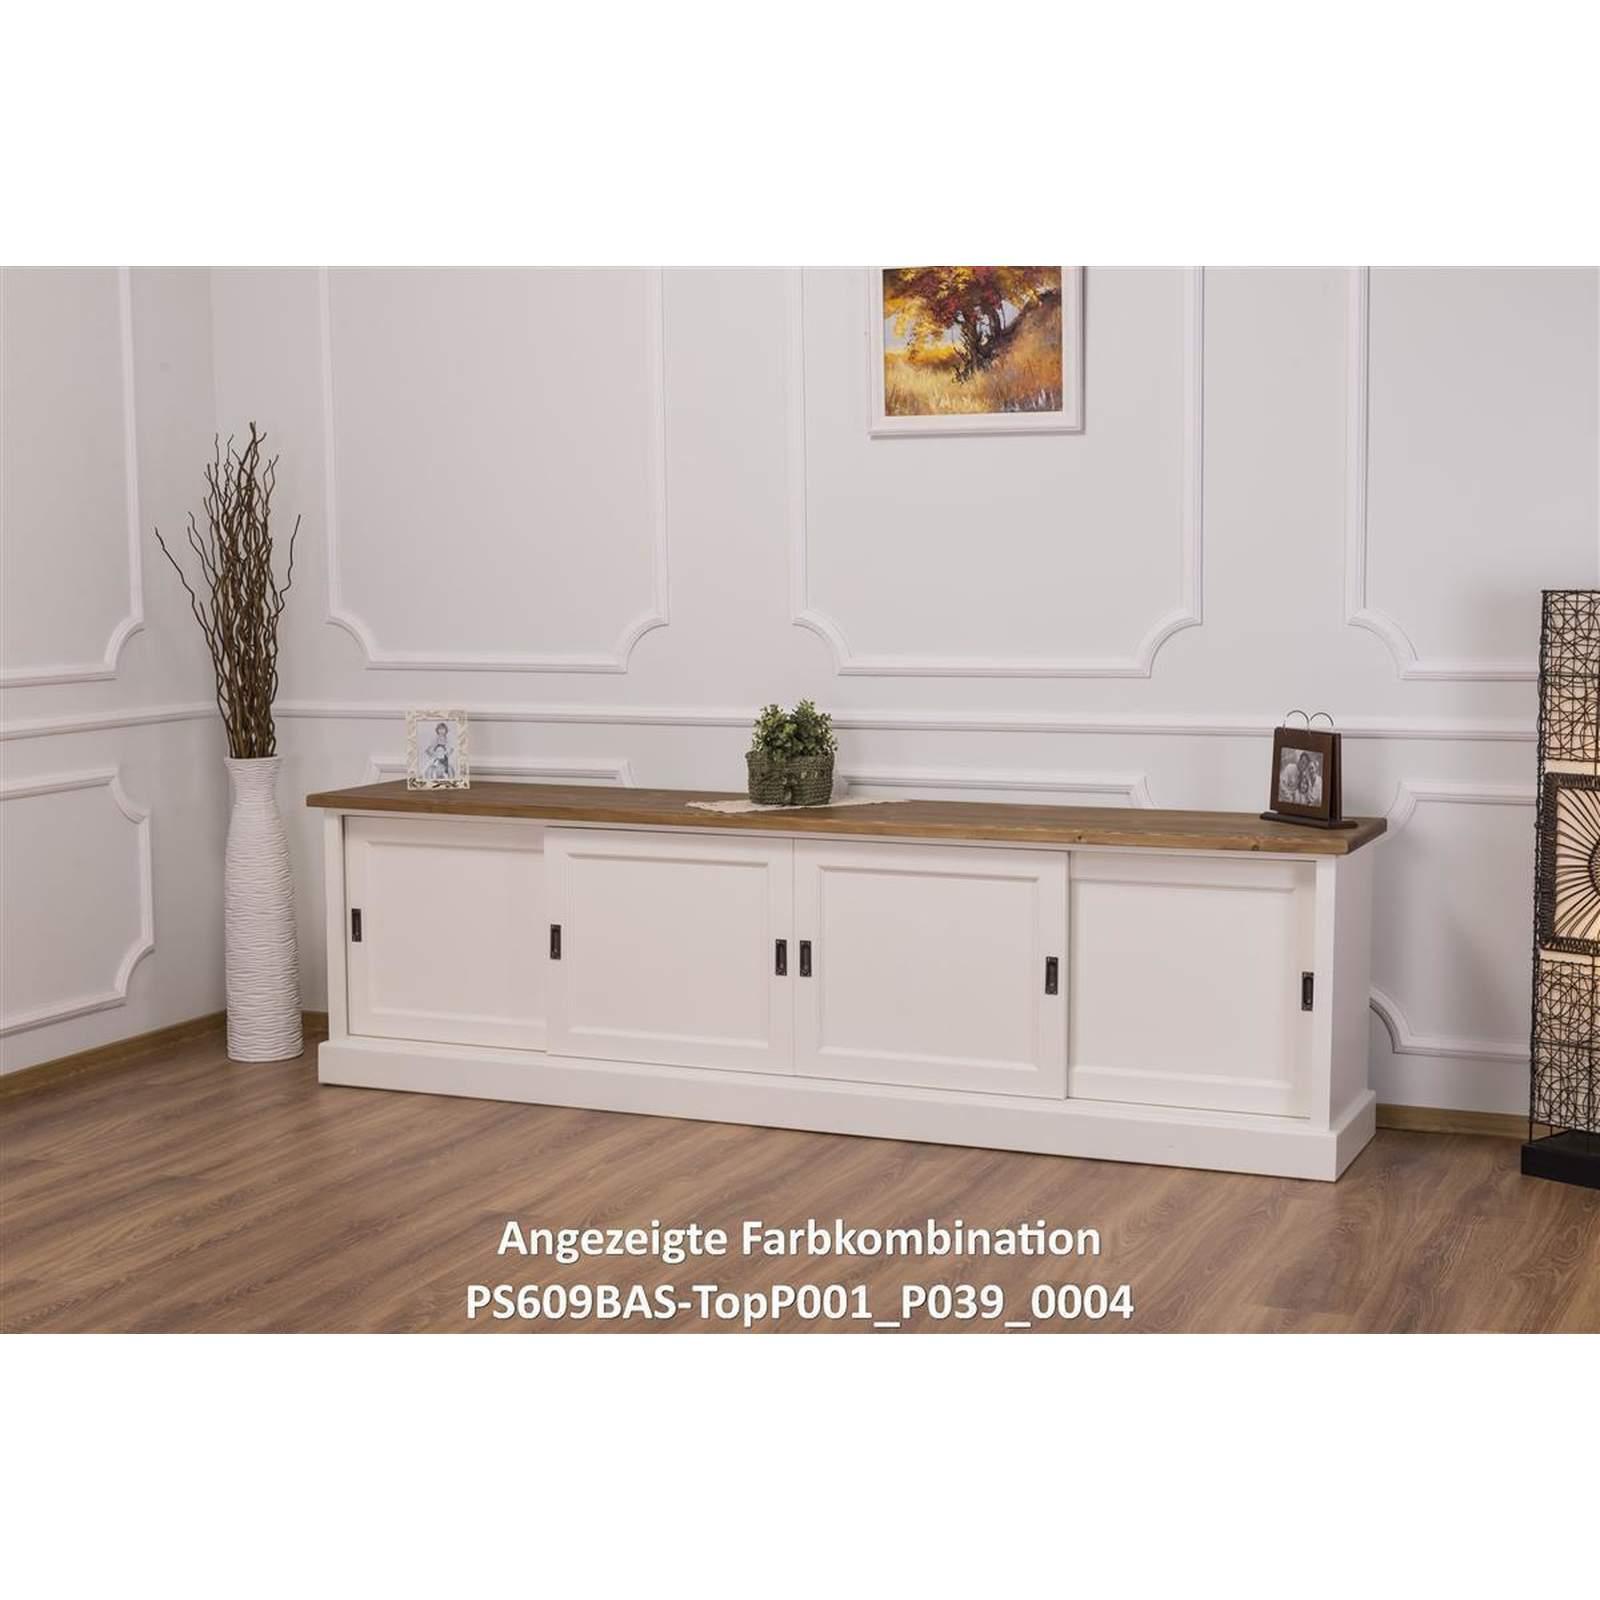 langes tv sideboard mit schiebet ren massivholz landhausstil 514 29. Black Bedroom Furniture Sets. Home Design Ideas